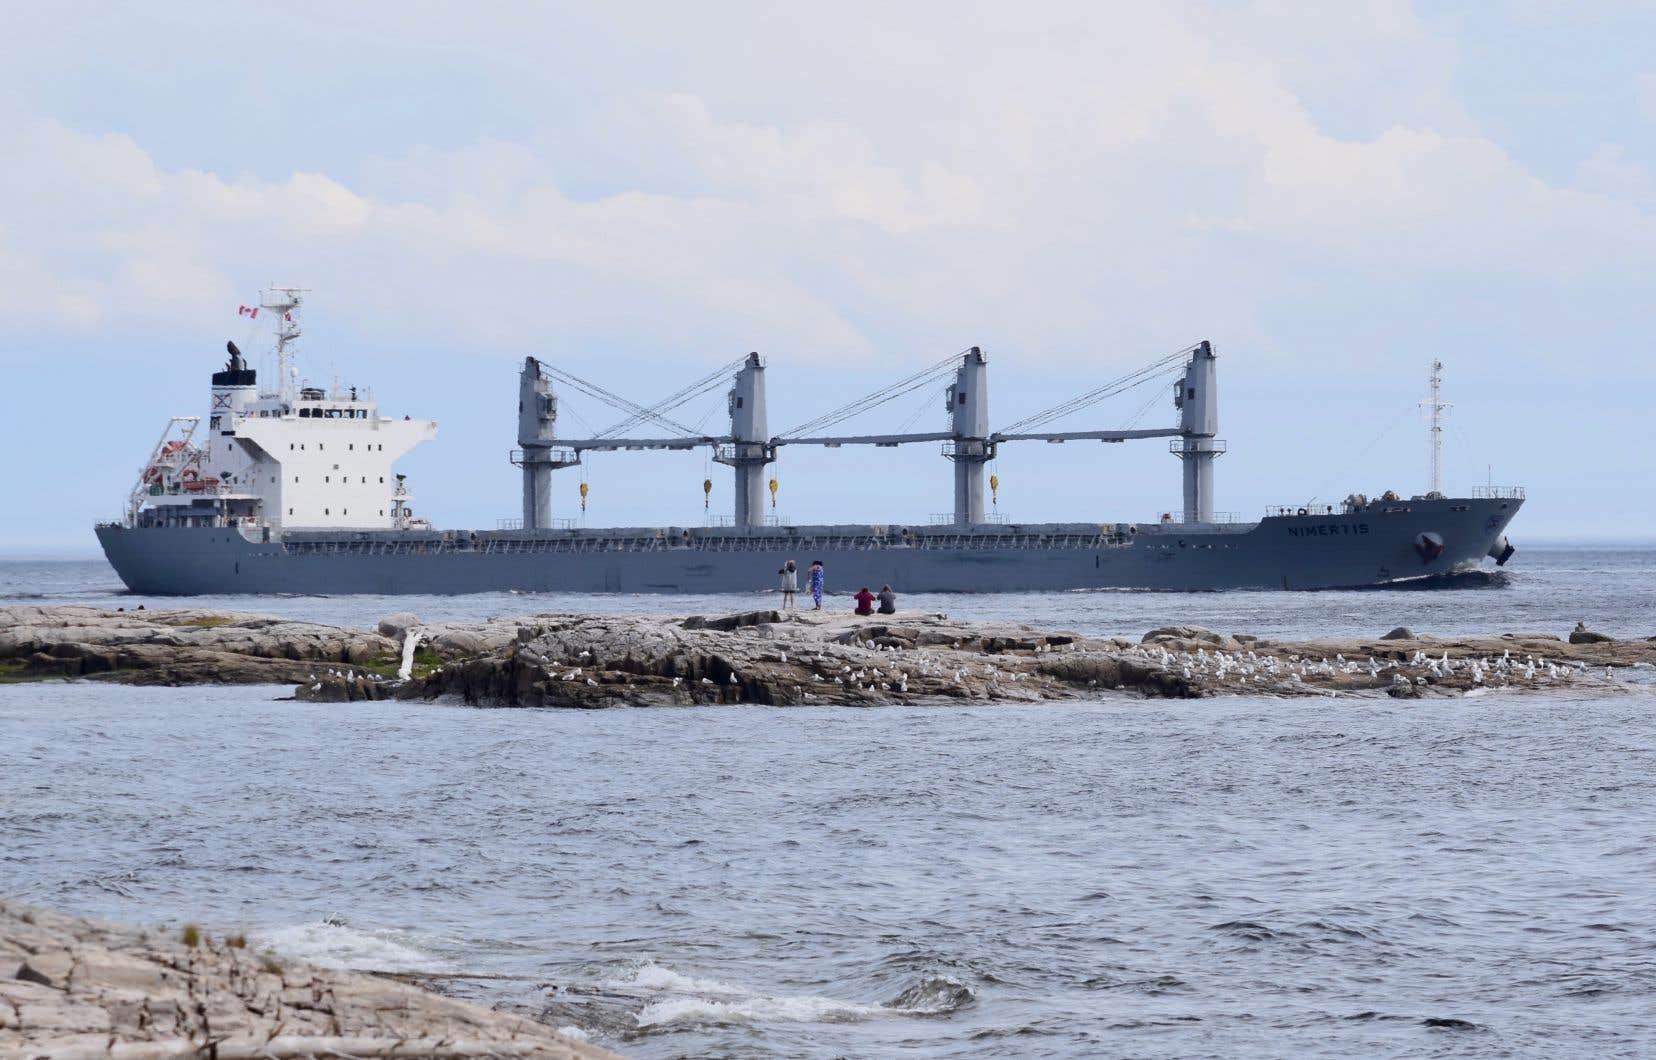 Les navires méthaniers du projet Énergie Saguenay, deux fois plus imposants que ce cargo, traverseraient le seul parc marin du Québec, habitat critique du béluga.